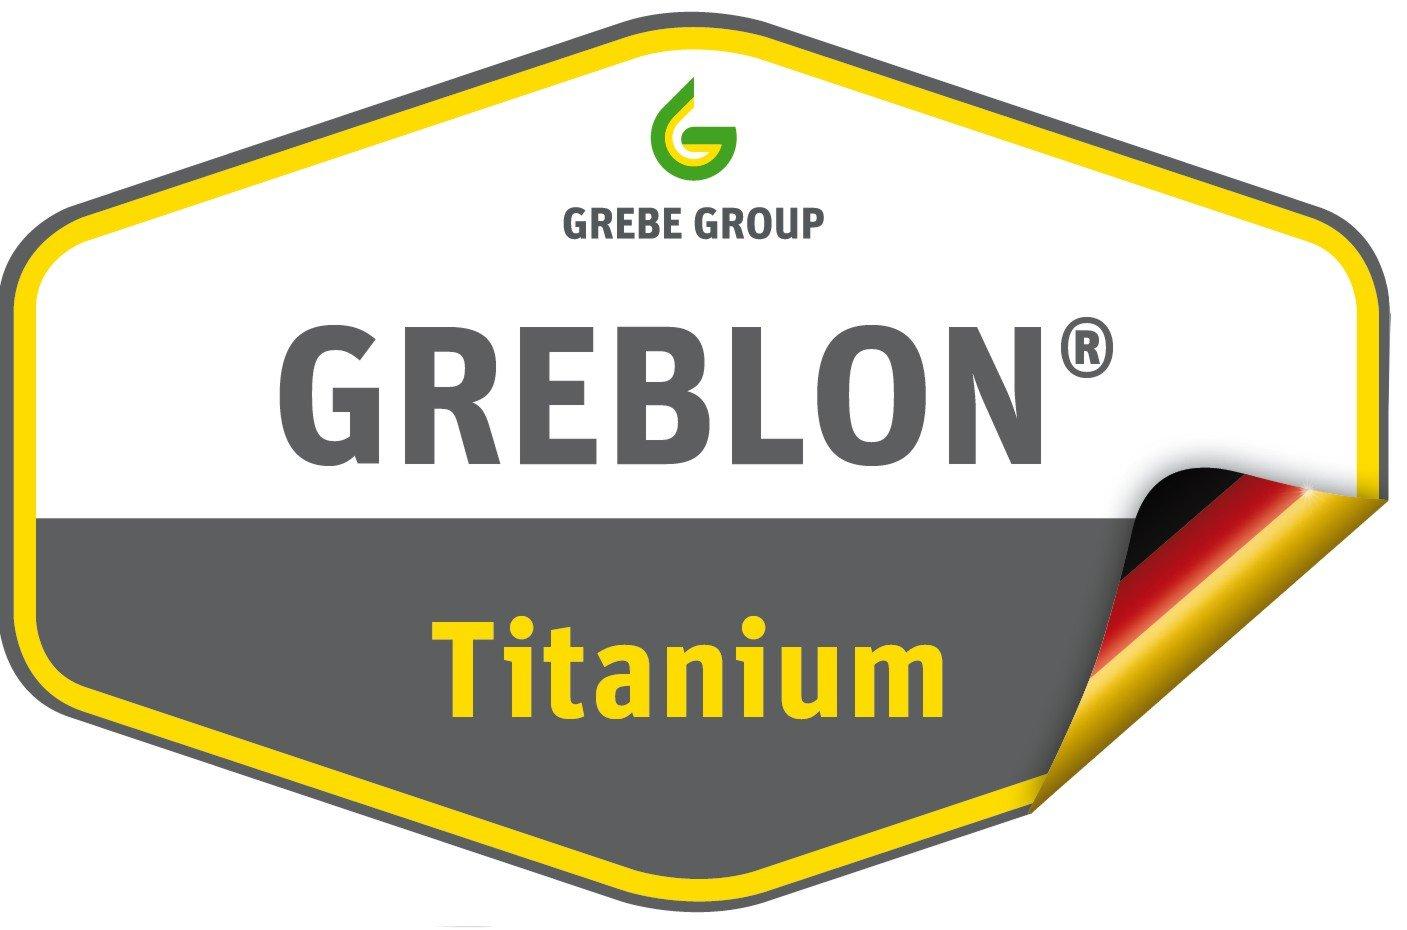 GSW Titanium Granit FerroTherm - Sartén honda, 24 centímetros: Amazon.es: Hogar